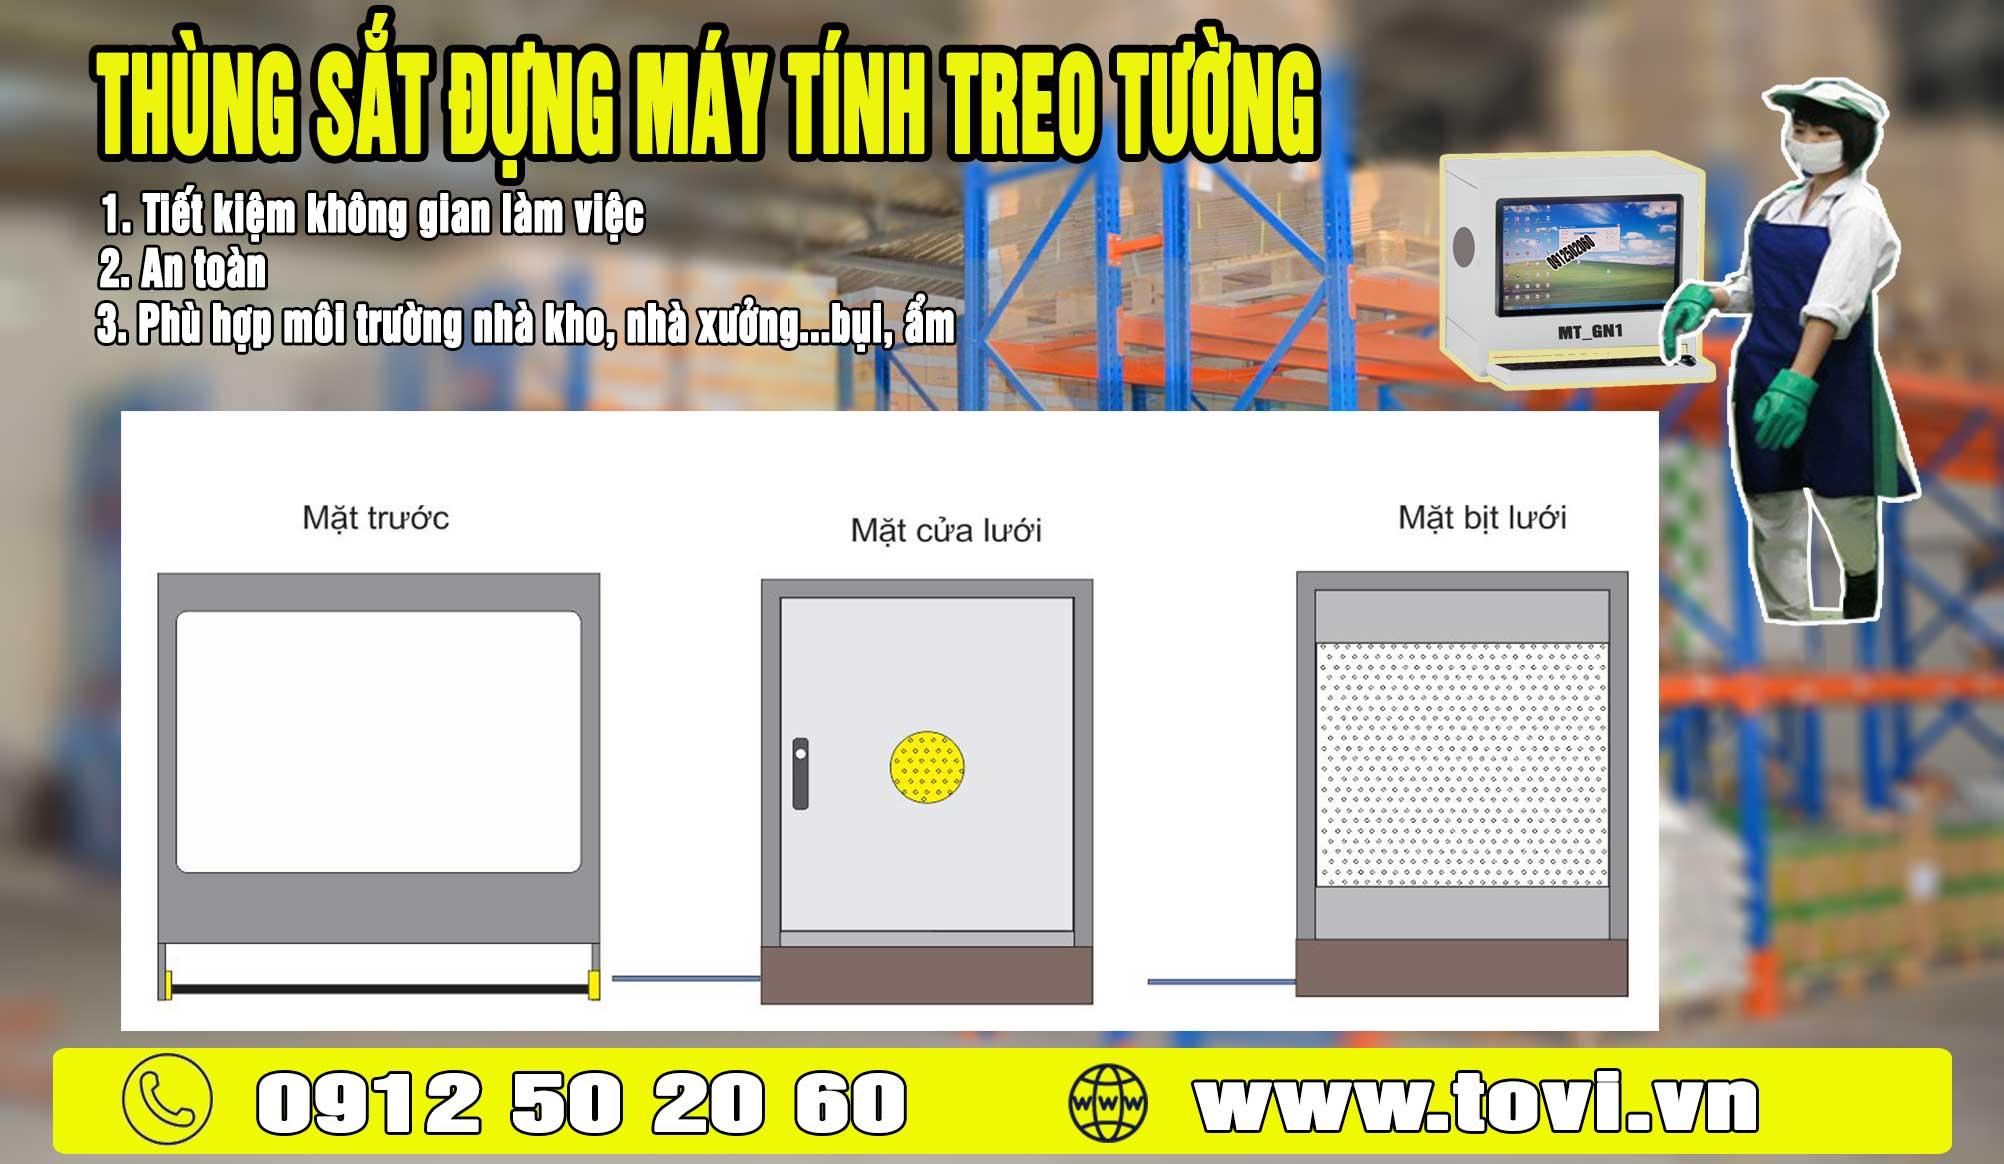 ke-may-tinh-treo-tuong-an-toan